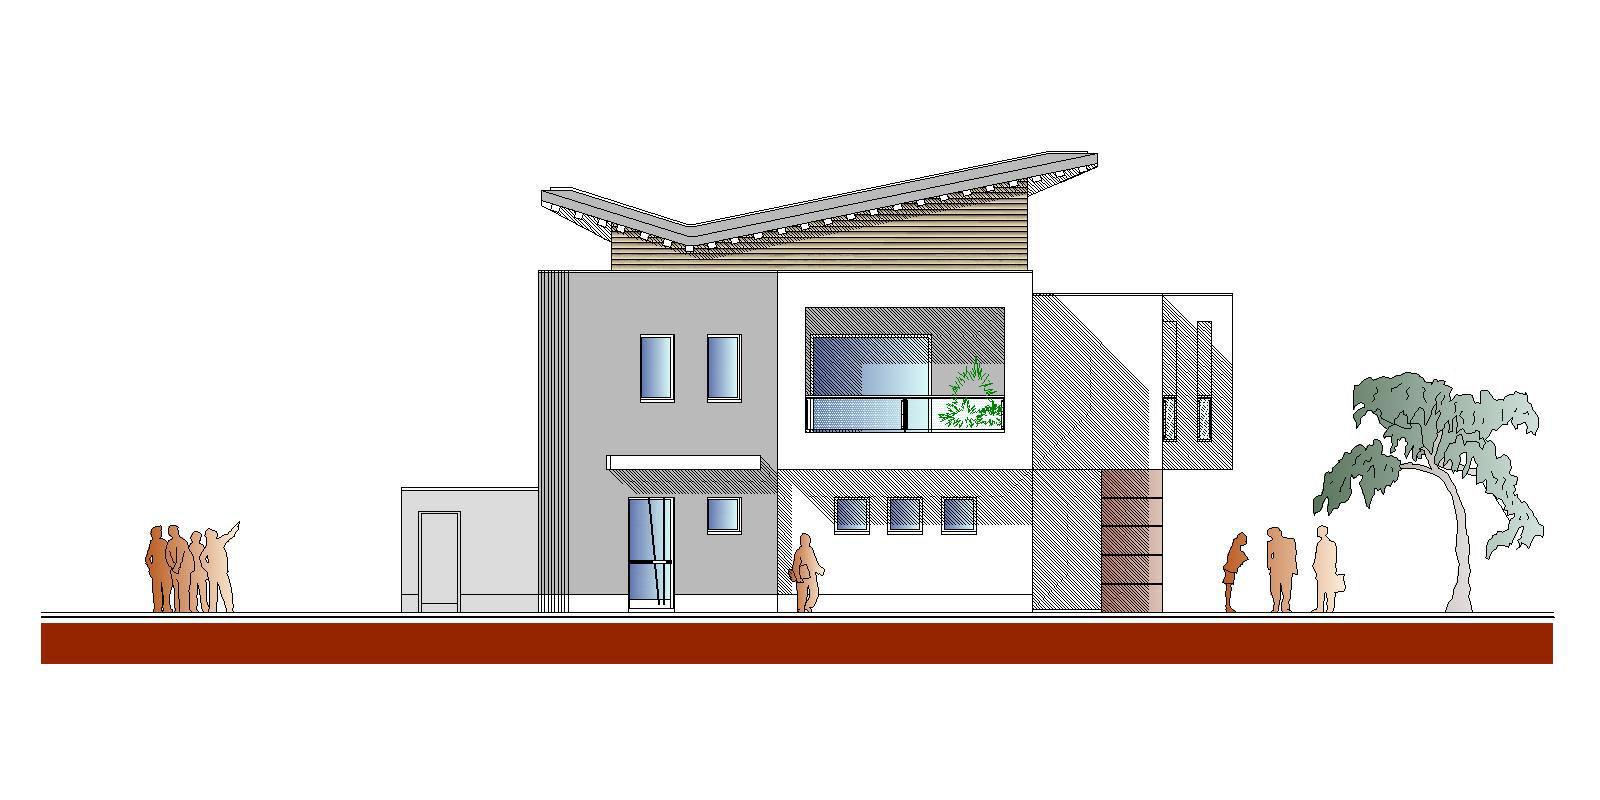 Pellegrini artuso architetti associati mirano nuovo for Piani di costruzione di edifici residenziali in metallo